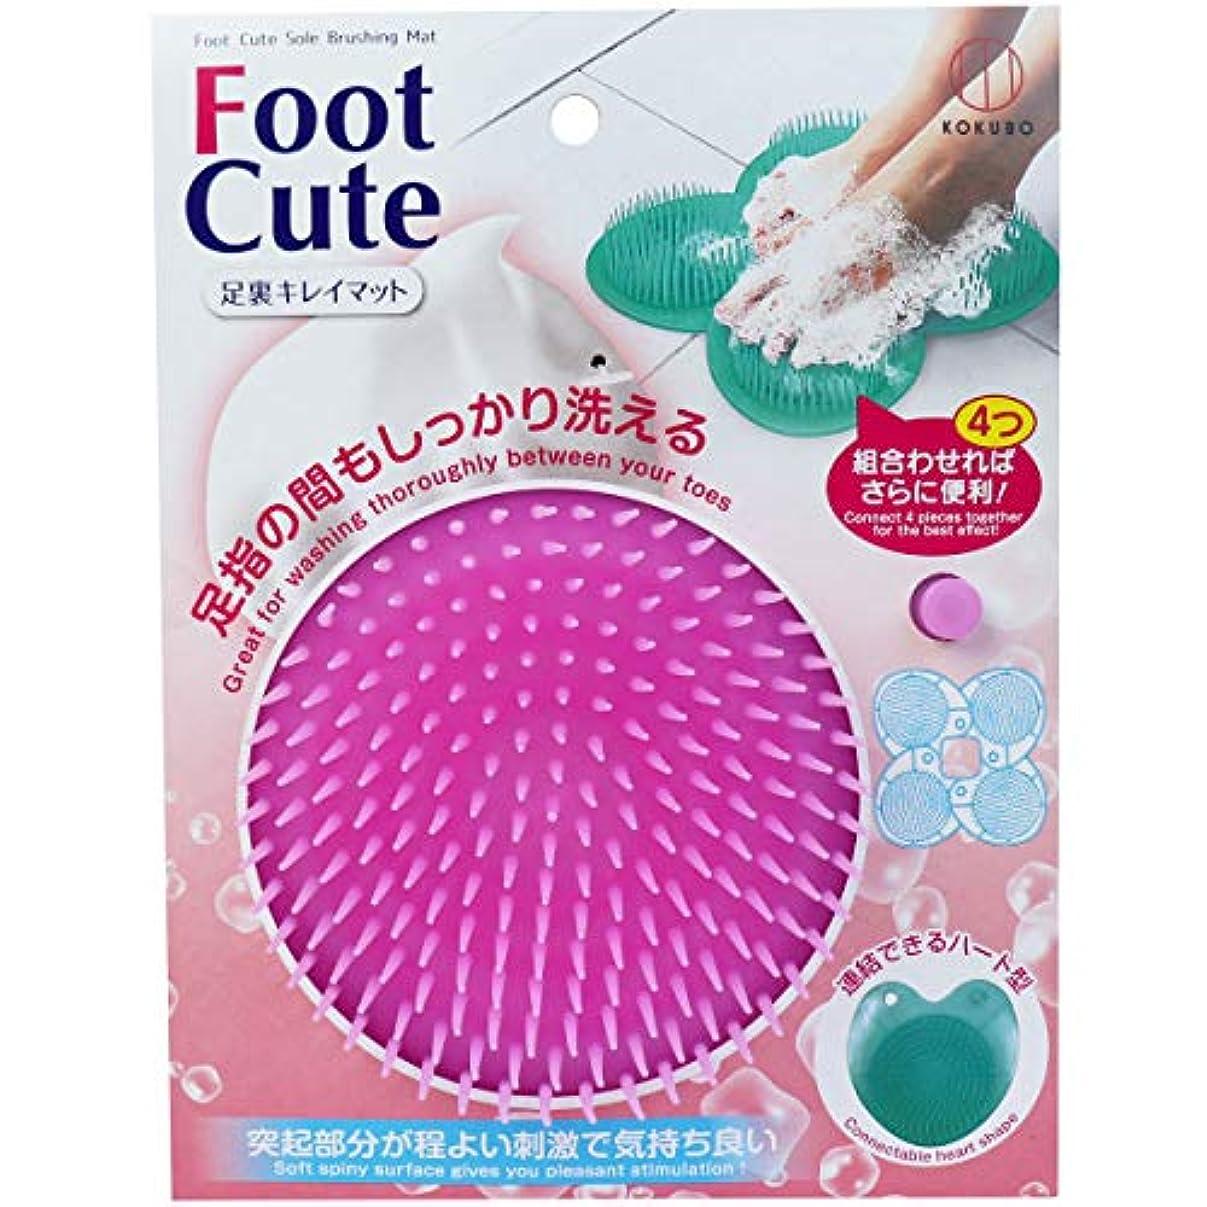 独占原子図Foot Cute 足裏キレイマット ピンク KH-056×20個セット